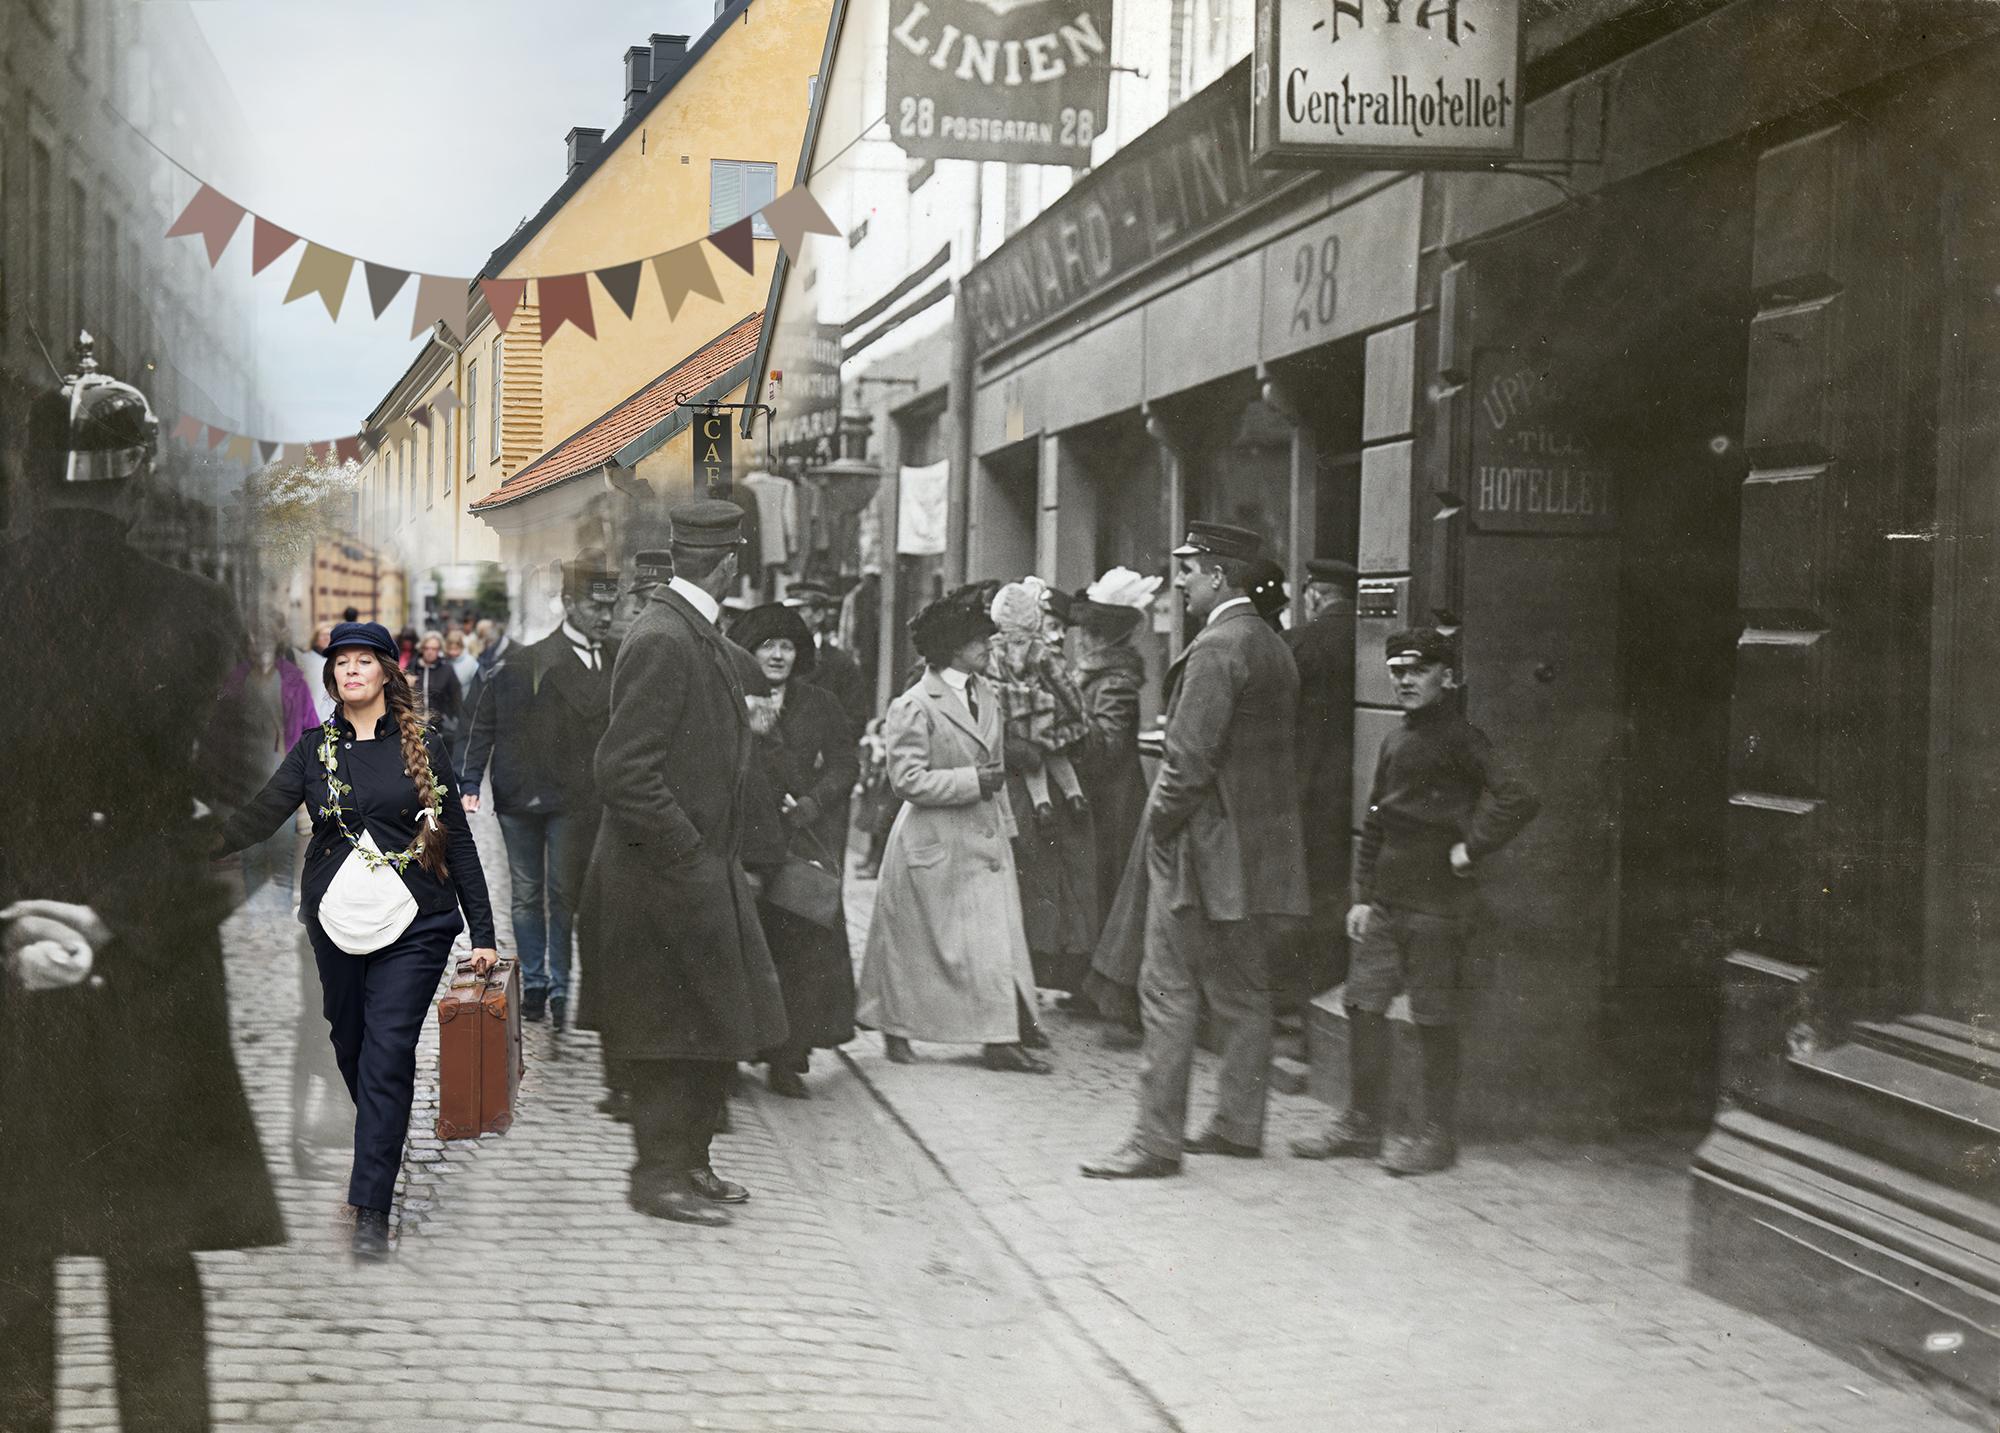 Fotomontage av folk i rörelse längs Postgatan under olika tidsperioder.